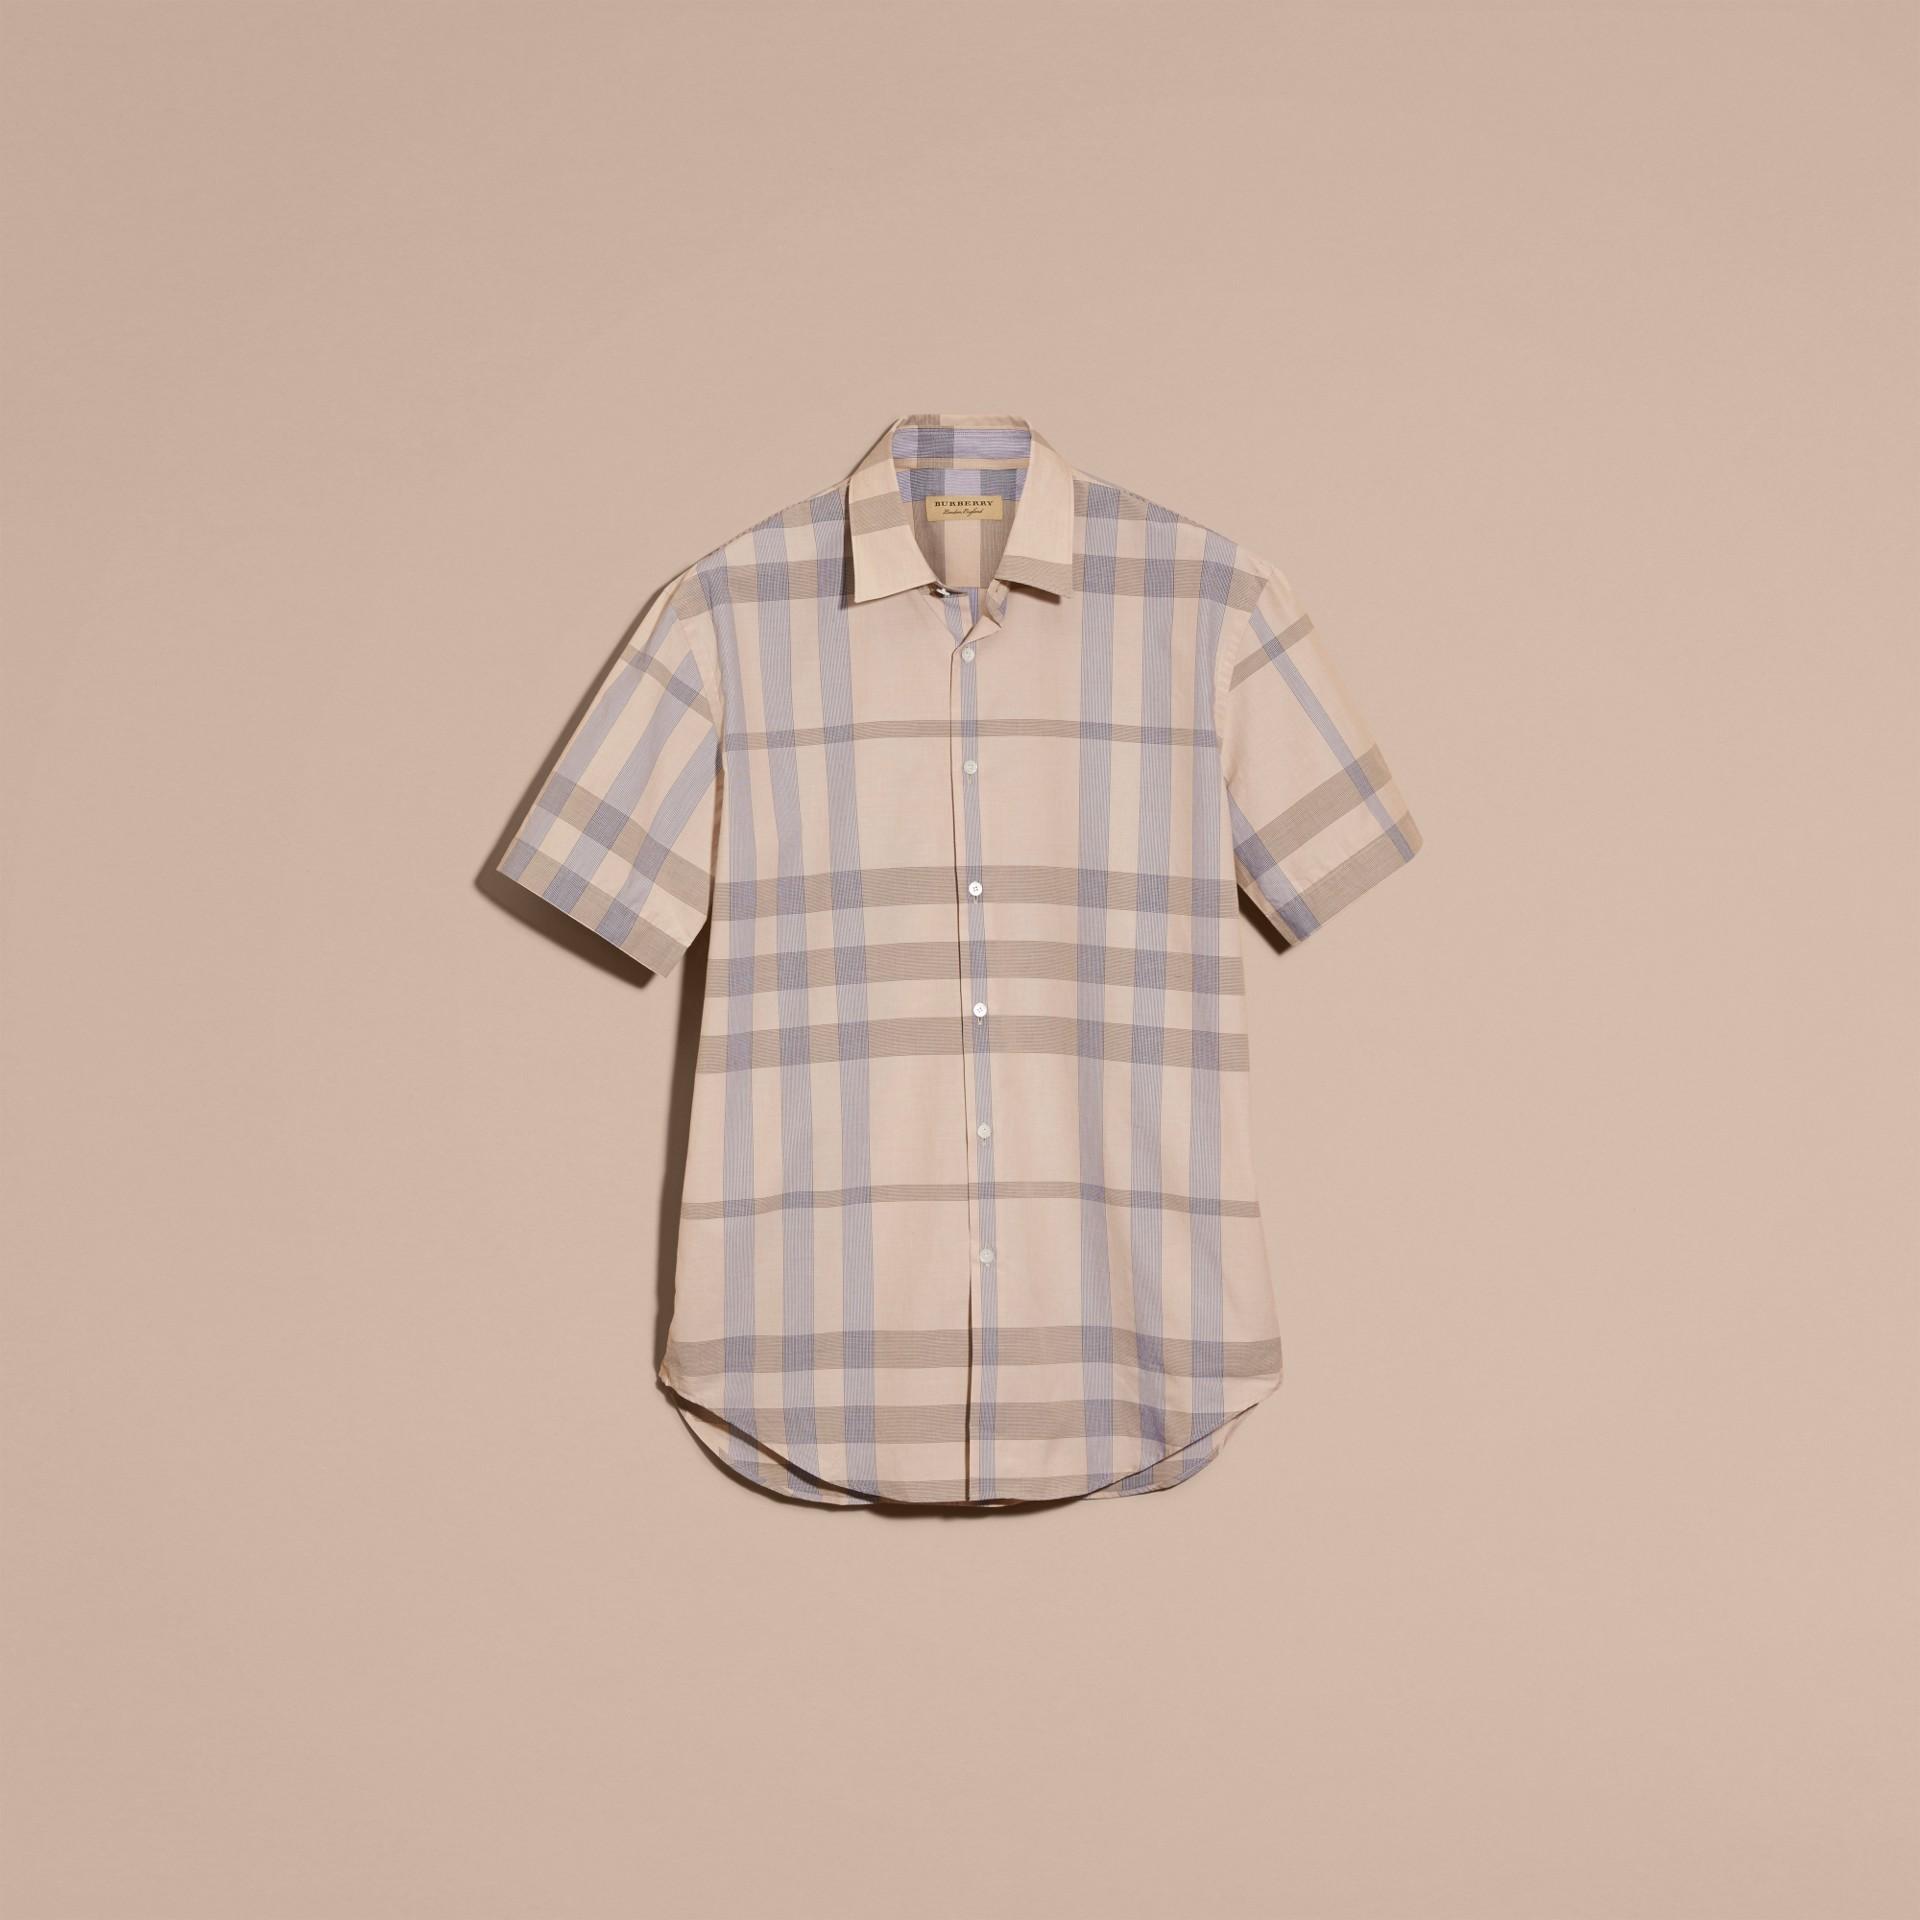 Cammello chiaro Camicia a maniche corte in cotone con motivo check Cammello Chiaro - immagine della galleria 4